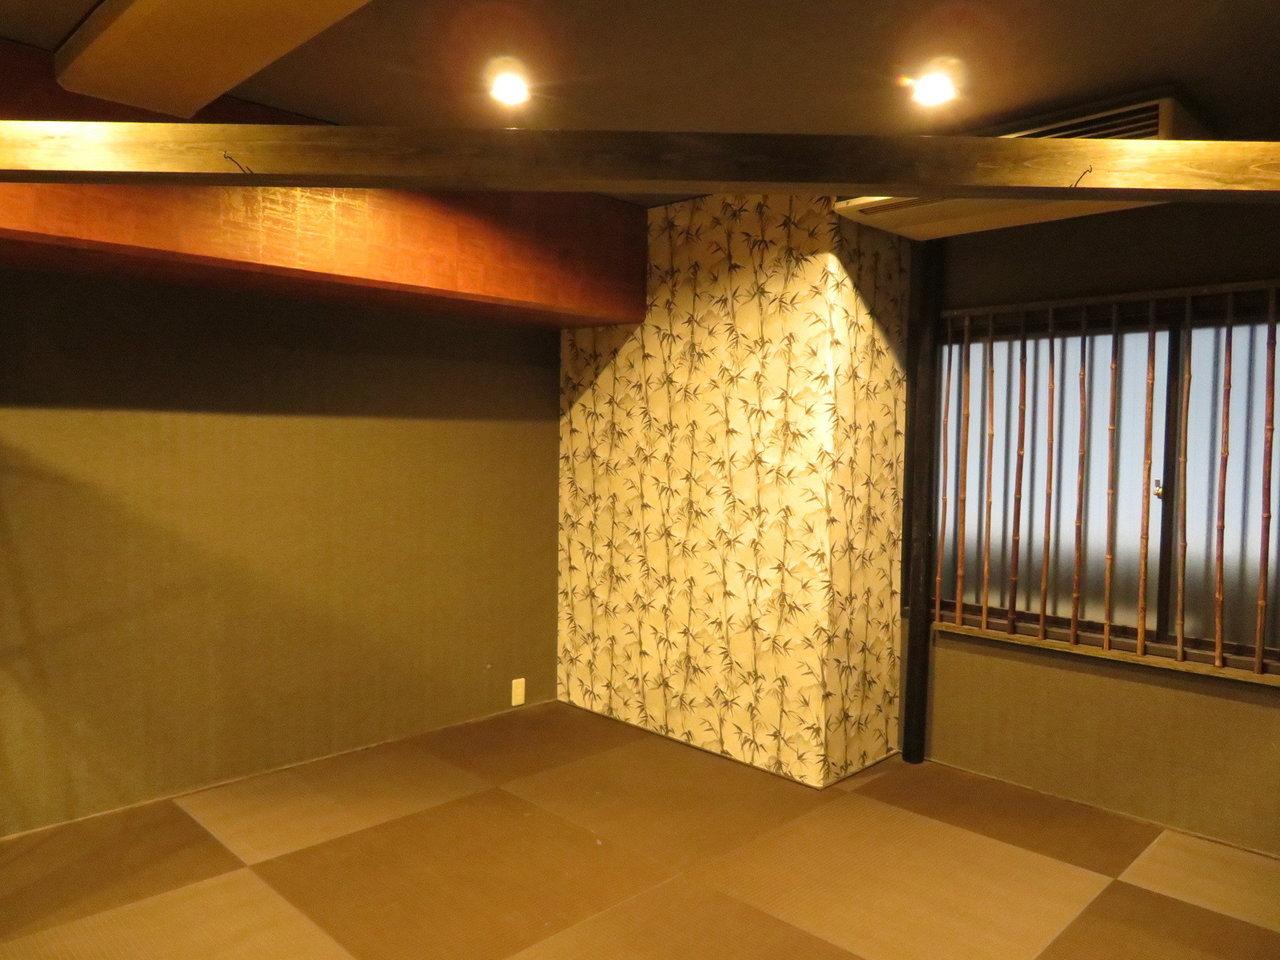 お部屋の隅の、三角スペースには畳が敷かれています。ゆったり一息つきたい時に活躍しそう。